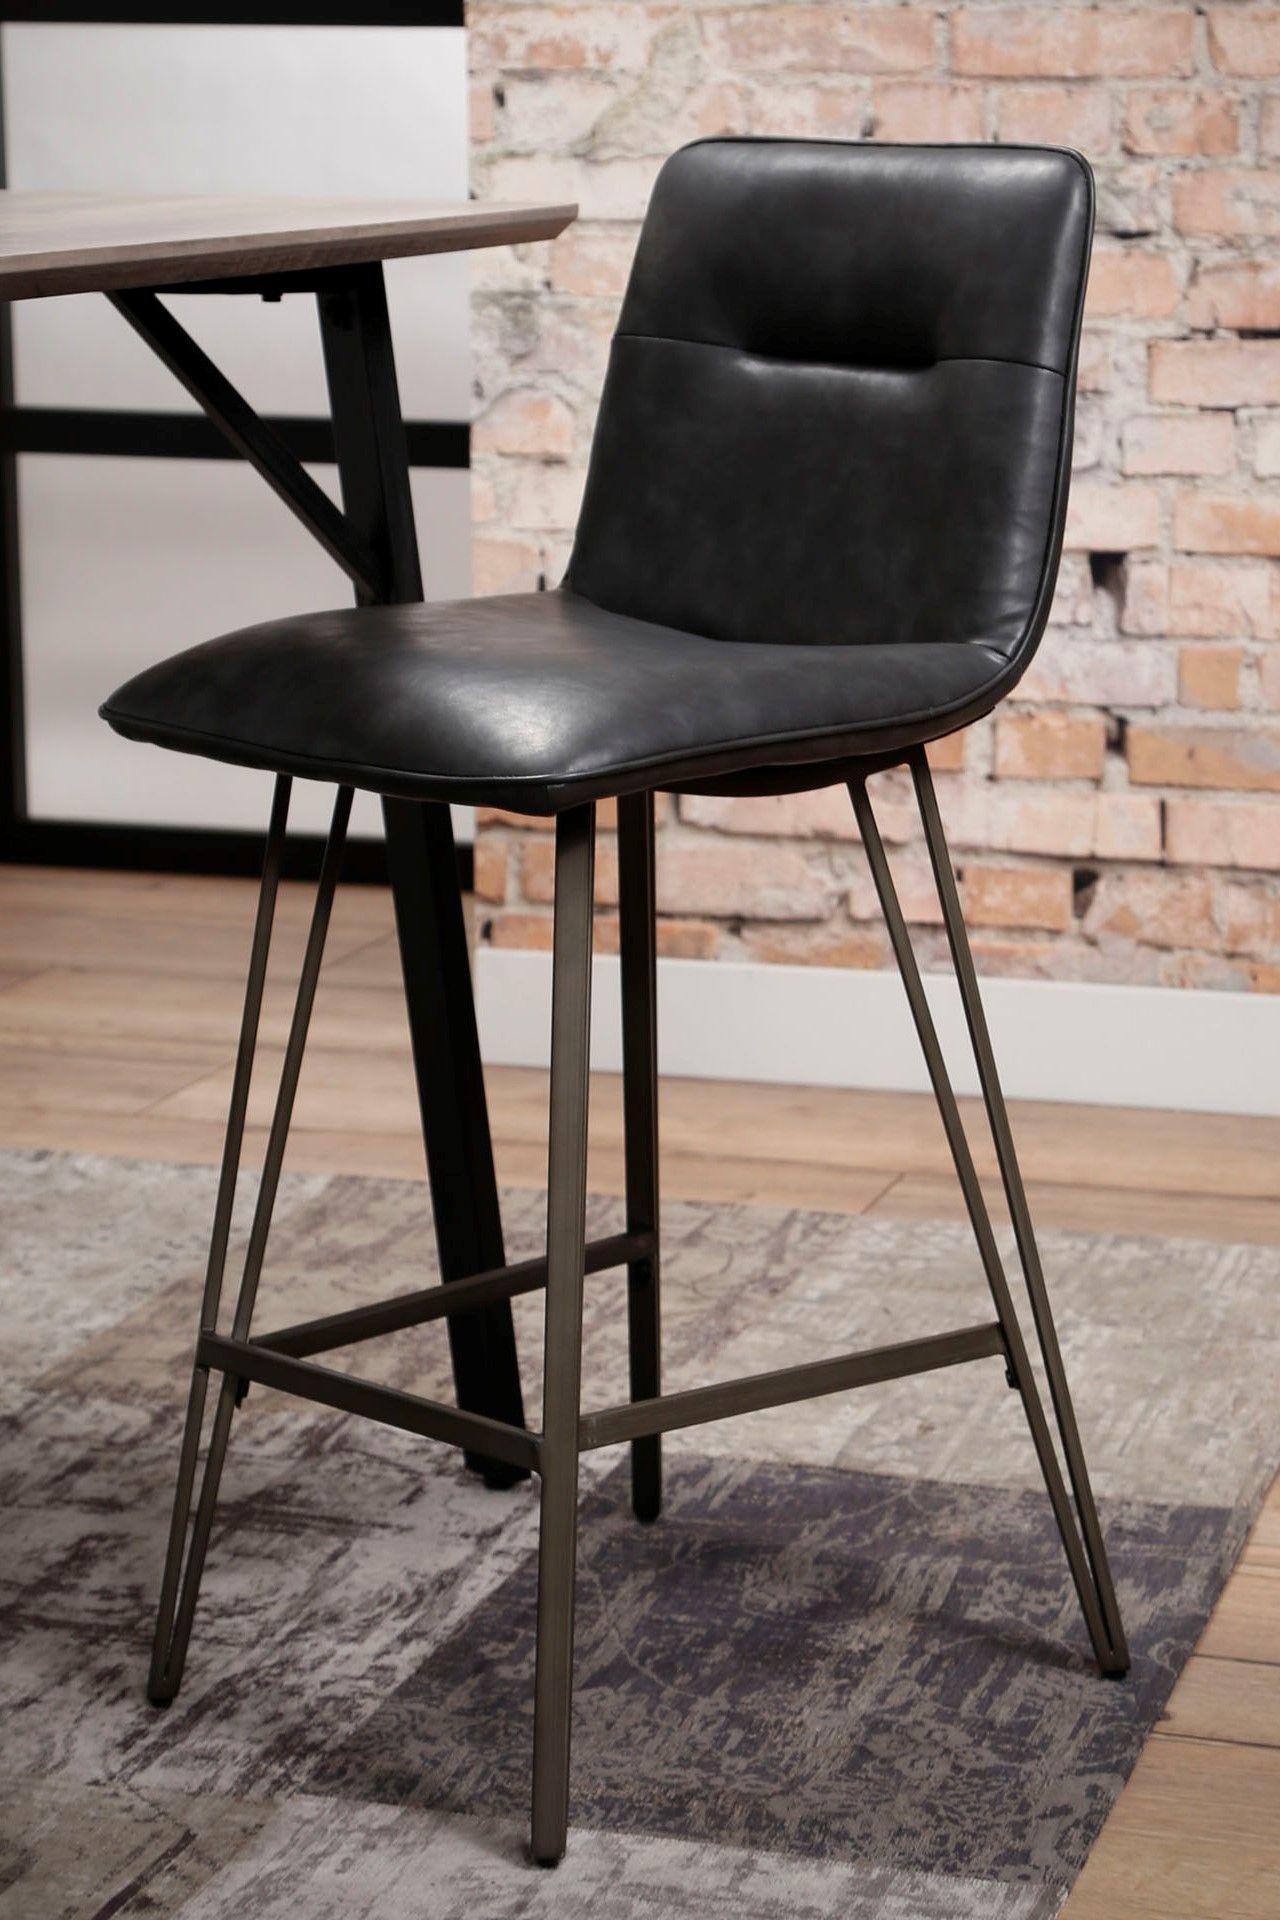 chaise de bar industriel